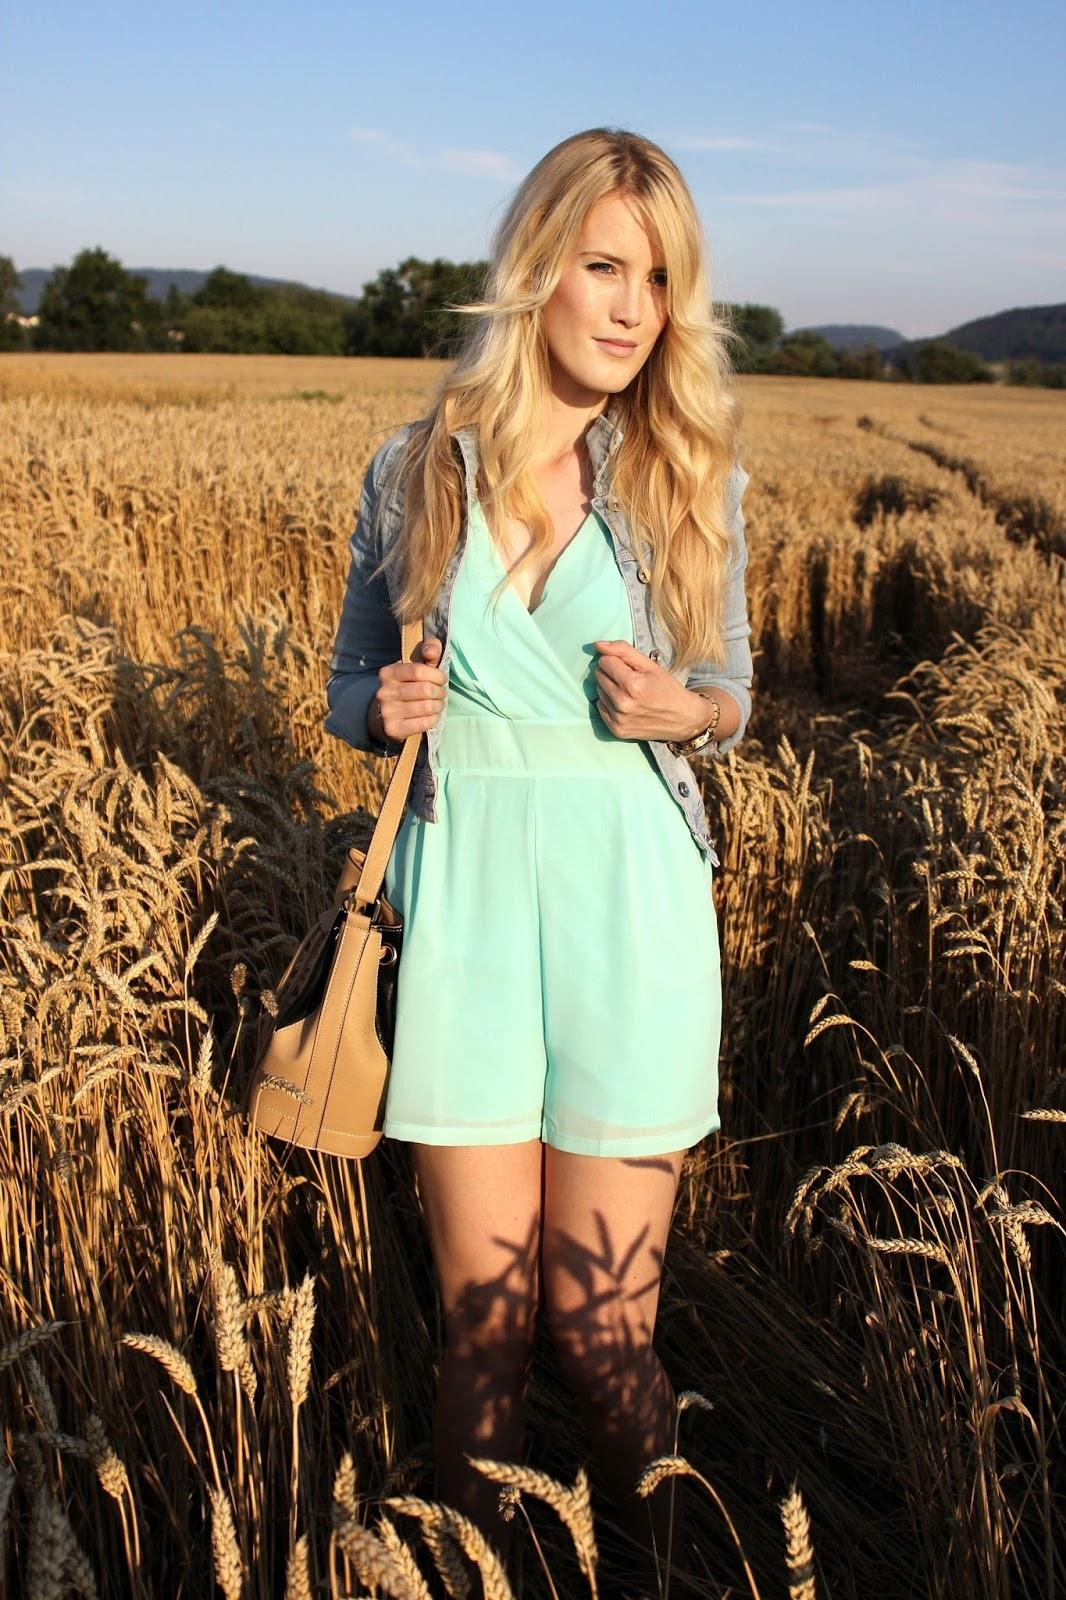 TheBlondeLion outfit playsuit jumpsuit onepiece WalG mint jeans